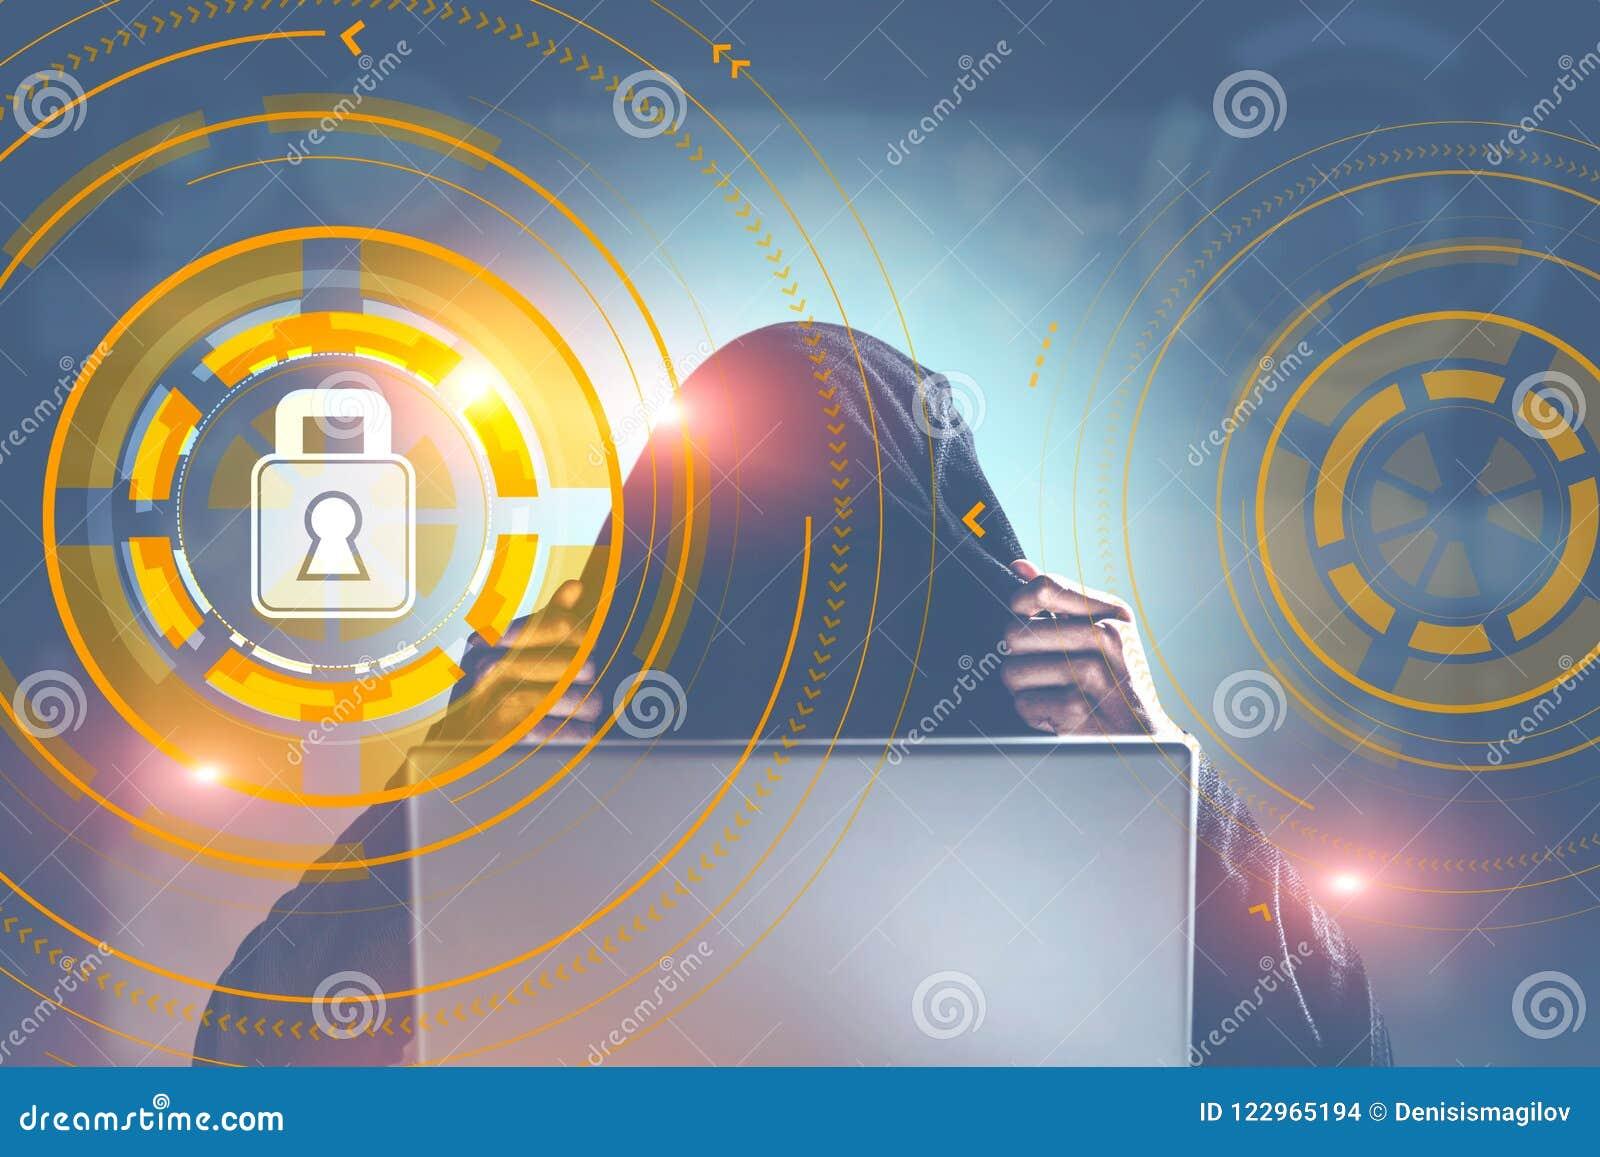 Pirata informático en una ciudad, interfaz cibernético del candado de la seguridad